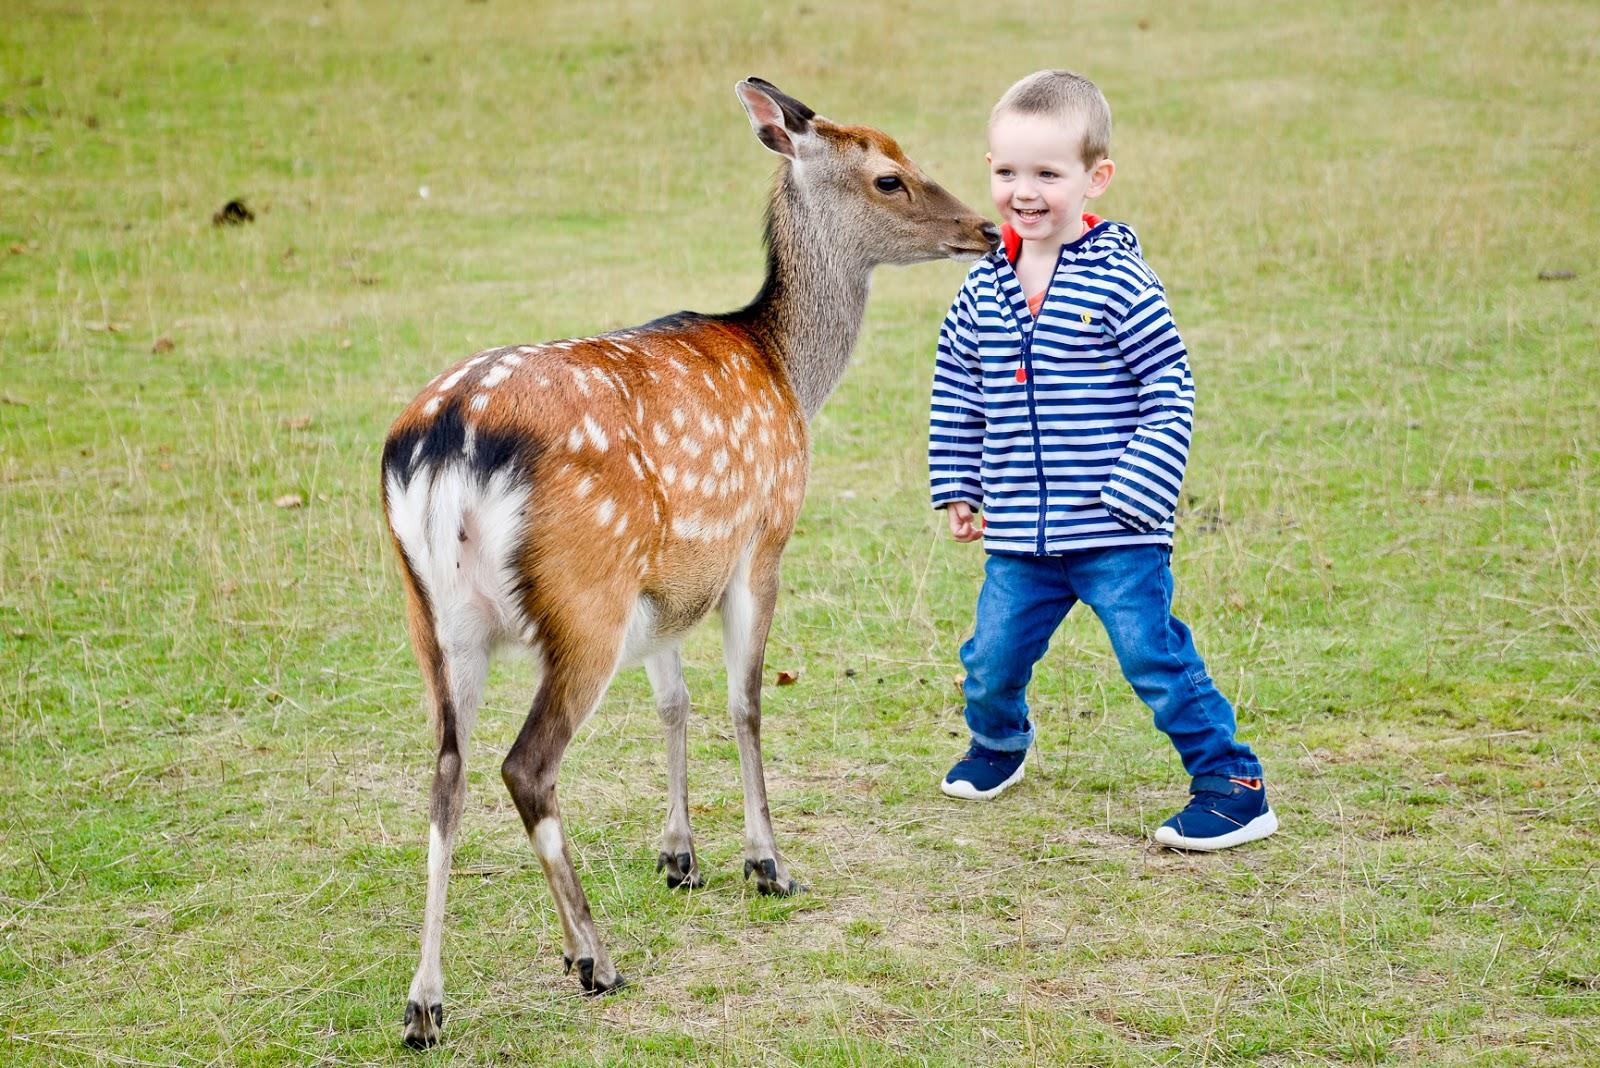 knole park deer, knole park